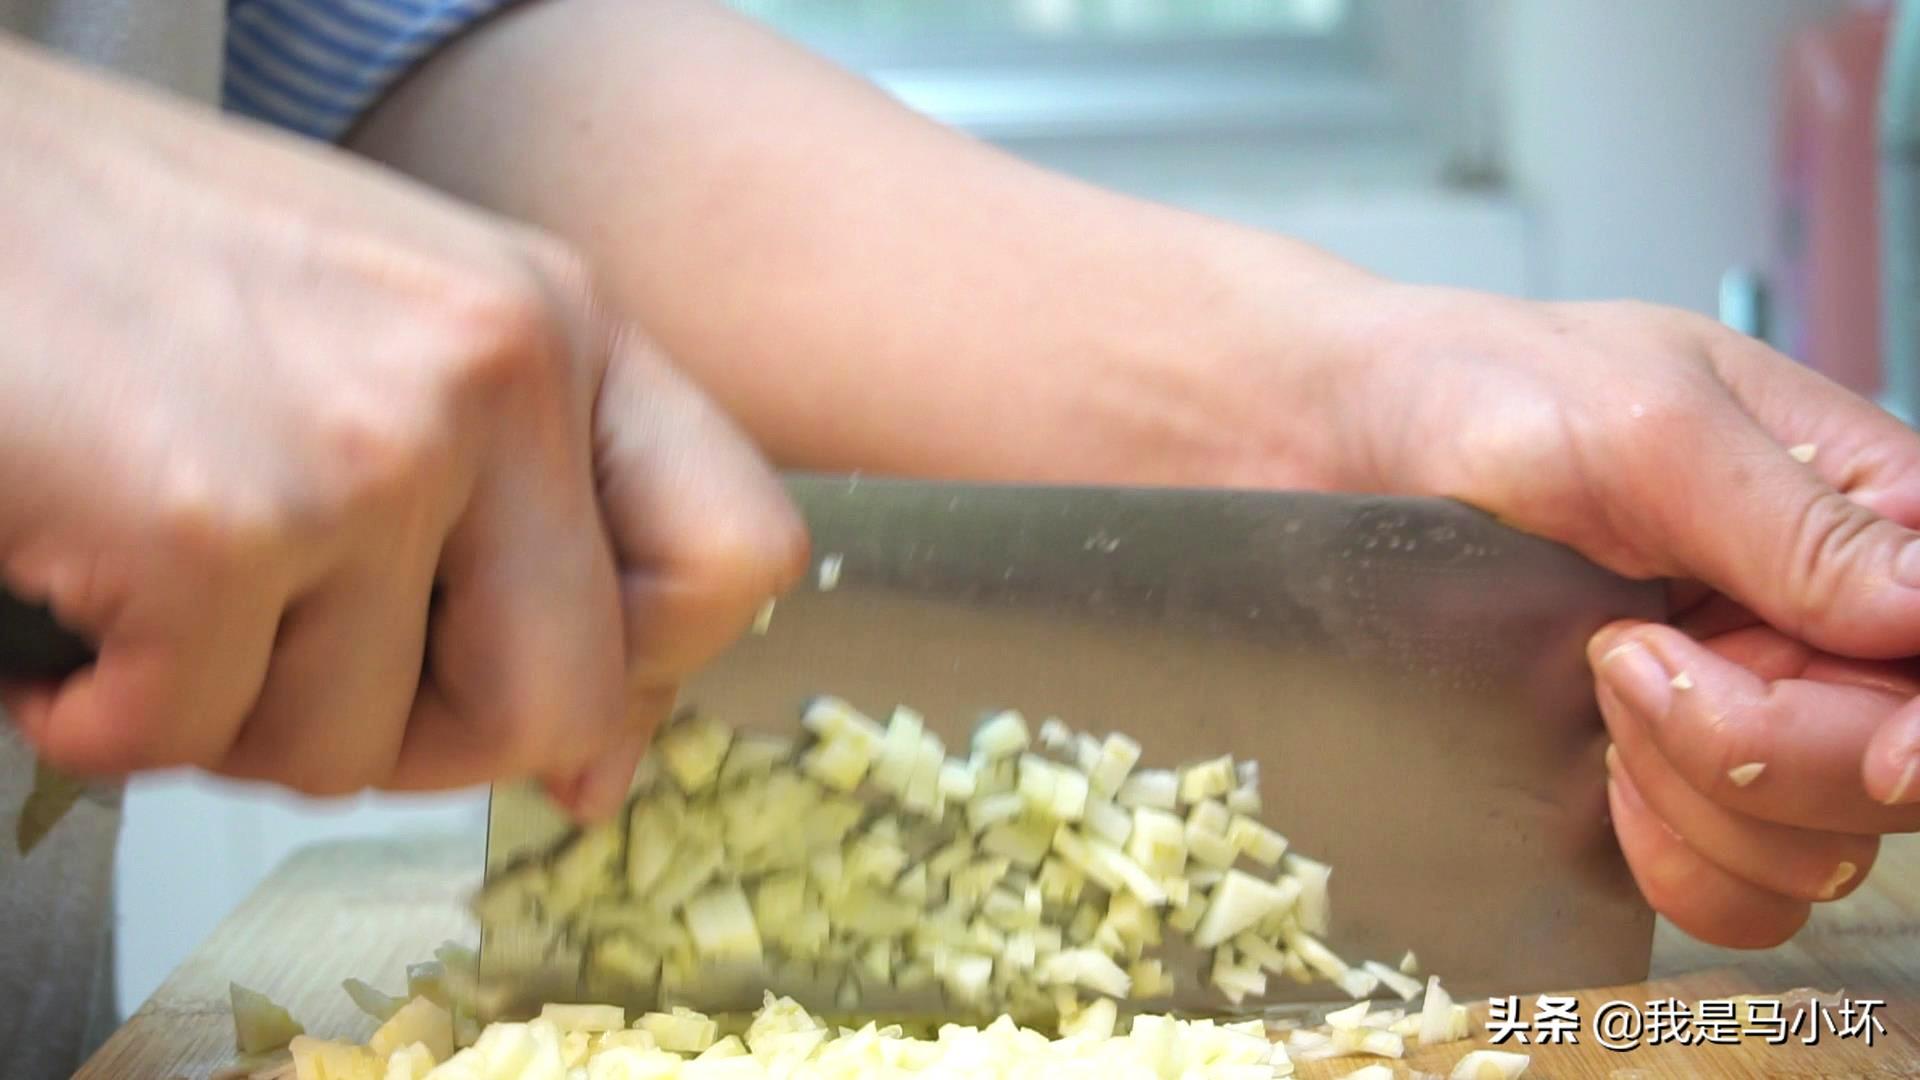 夏天老公和儿子最馋这菜,简单营养,出锅香味四溢,吃着特解馋 美食做法 第5张